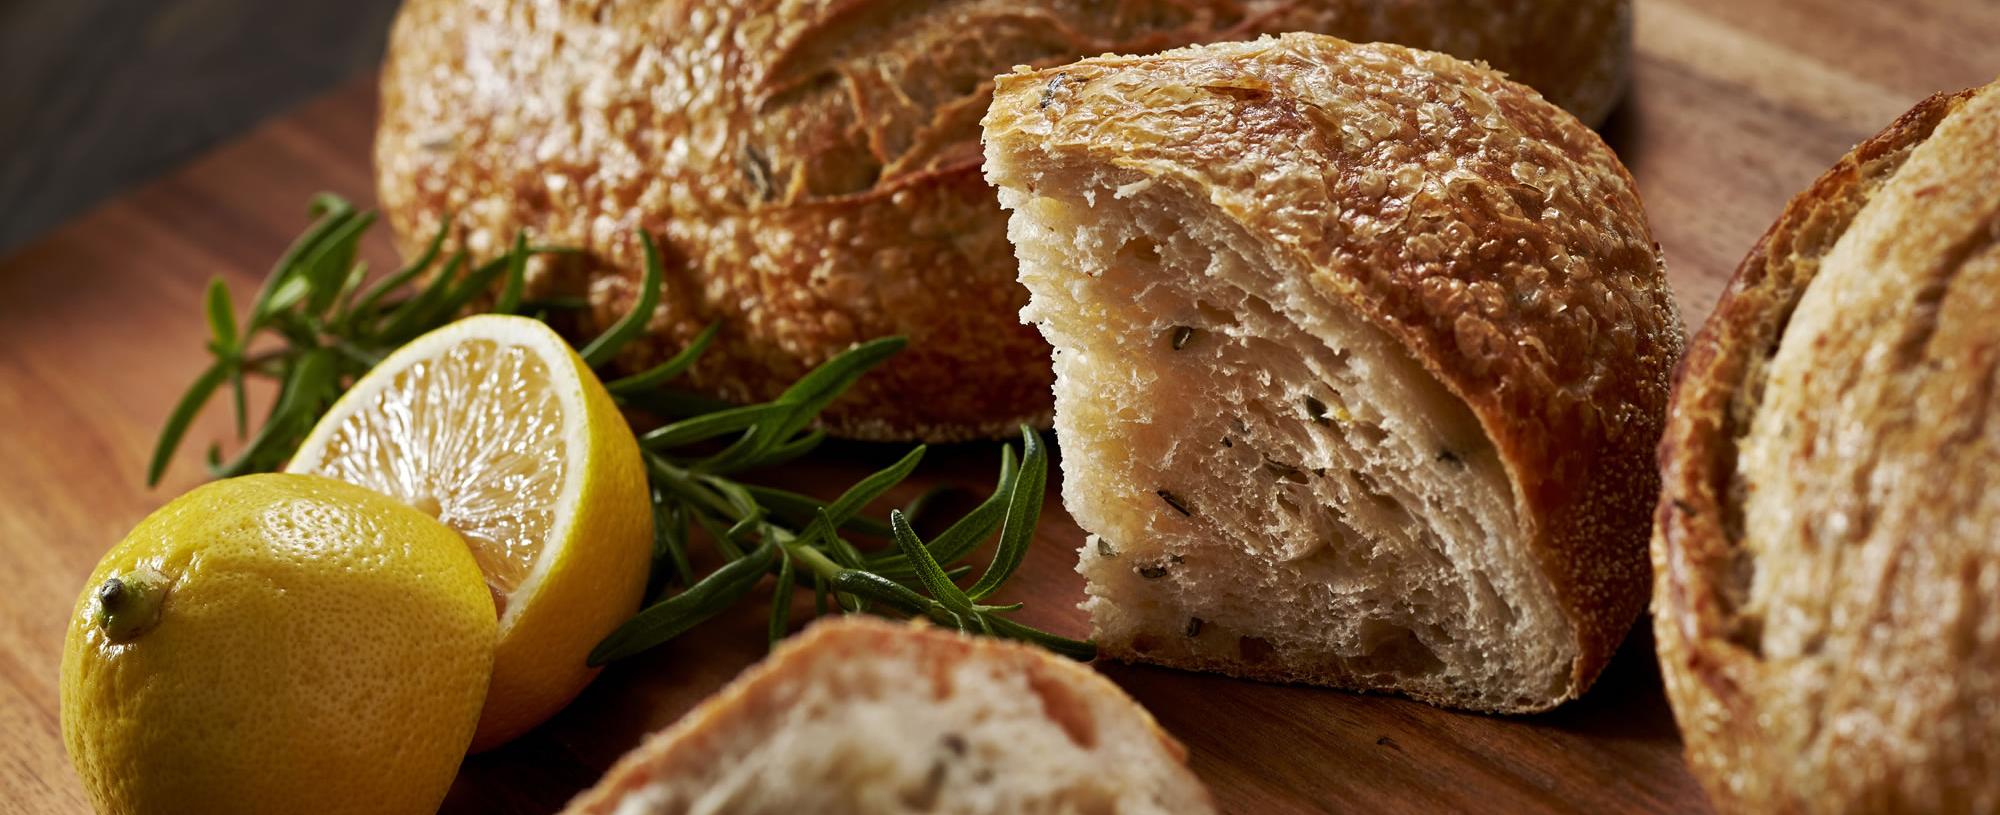 2000x815_Lemon Rosemary Sourdough Bread 8142